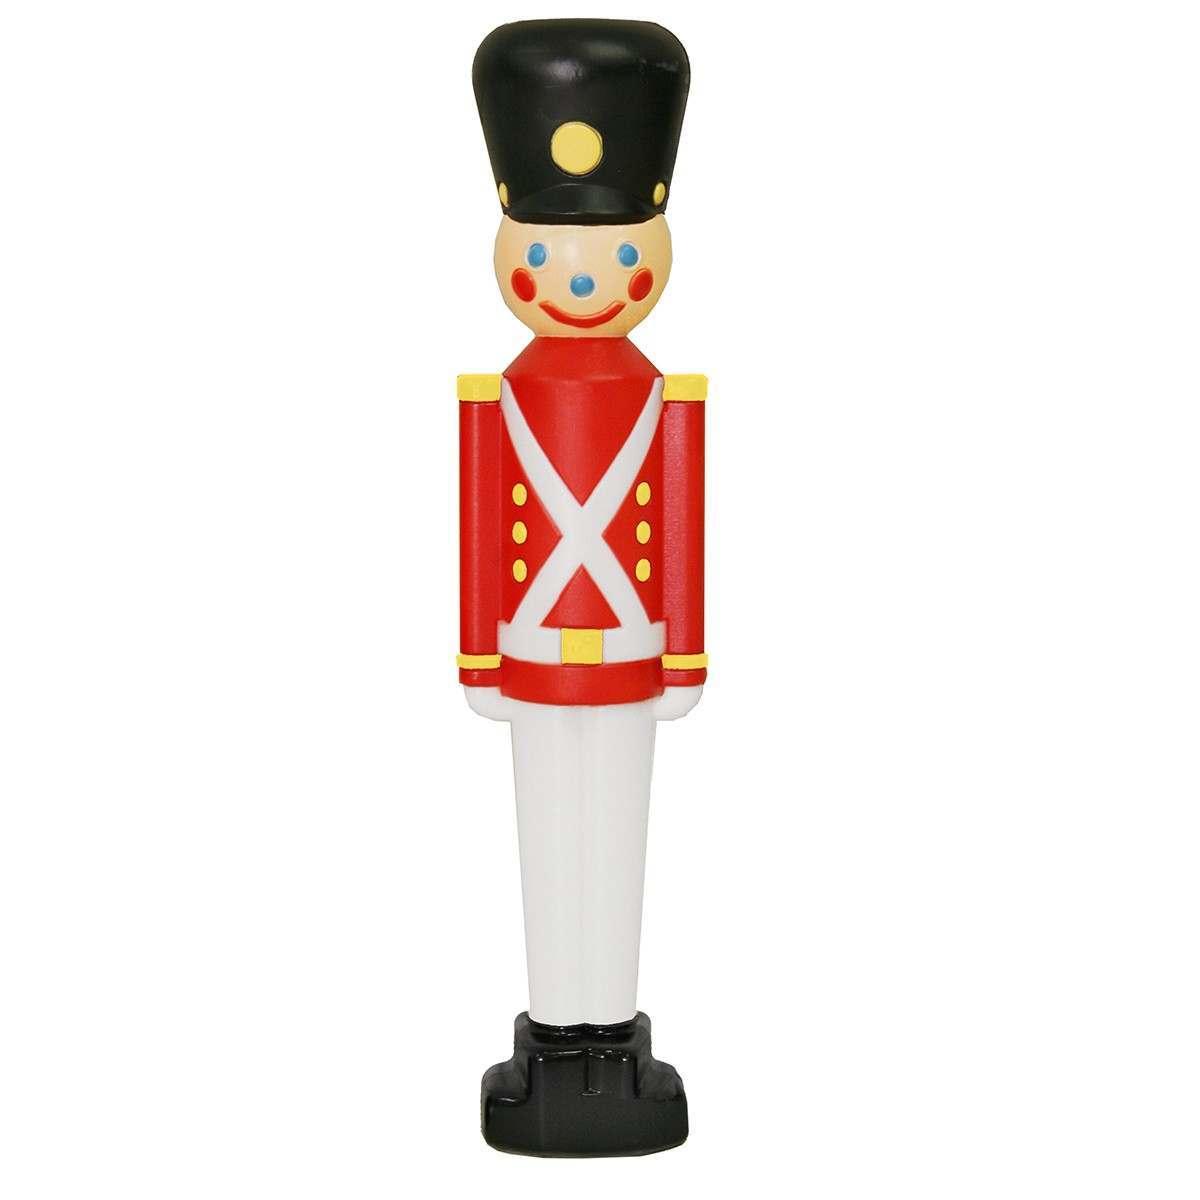 81cm Toy Soldier Blow Mould Figure